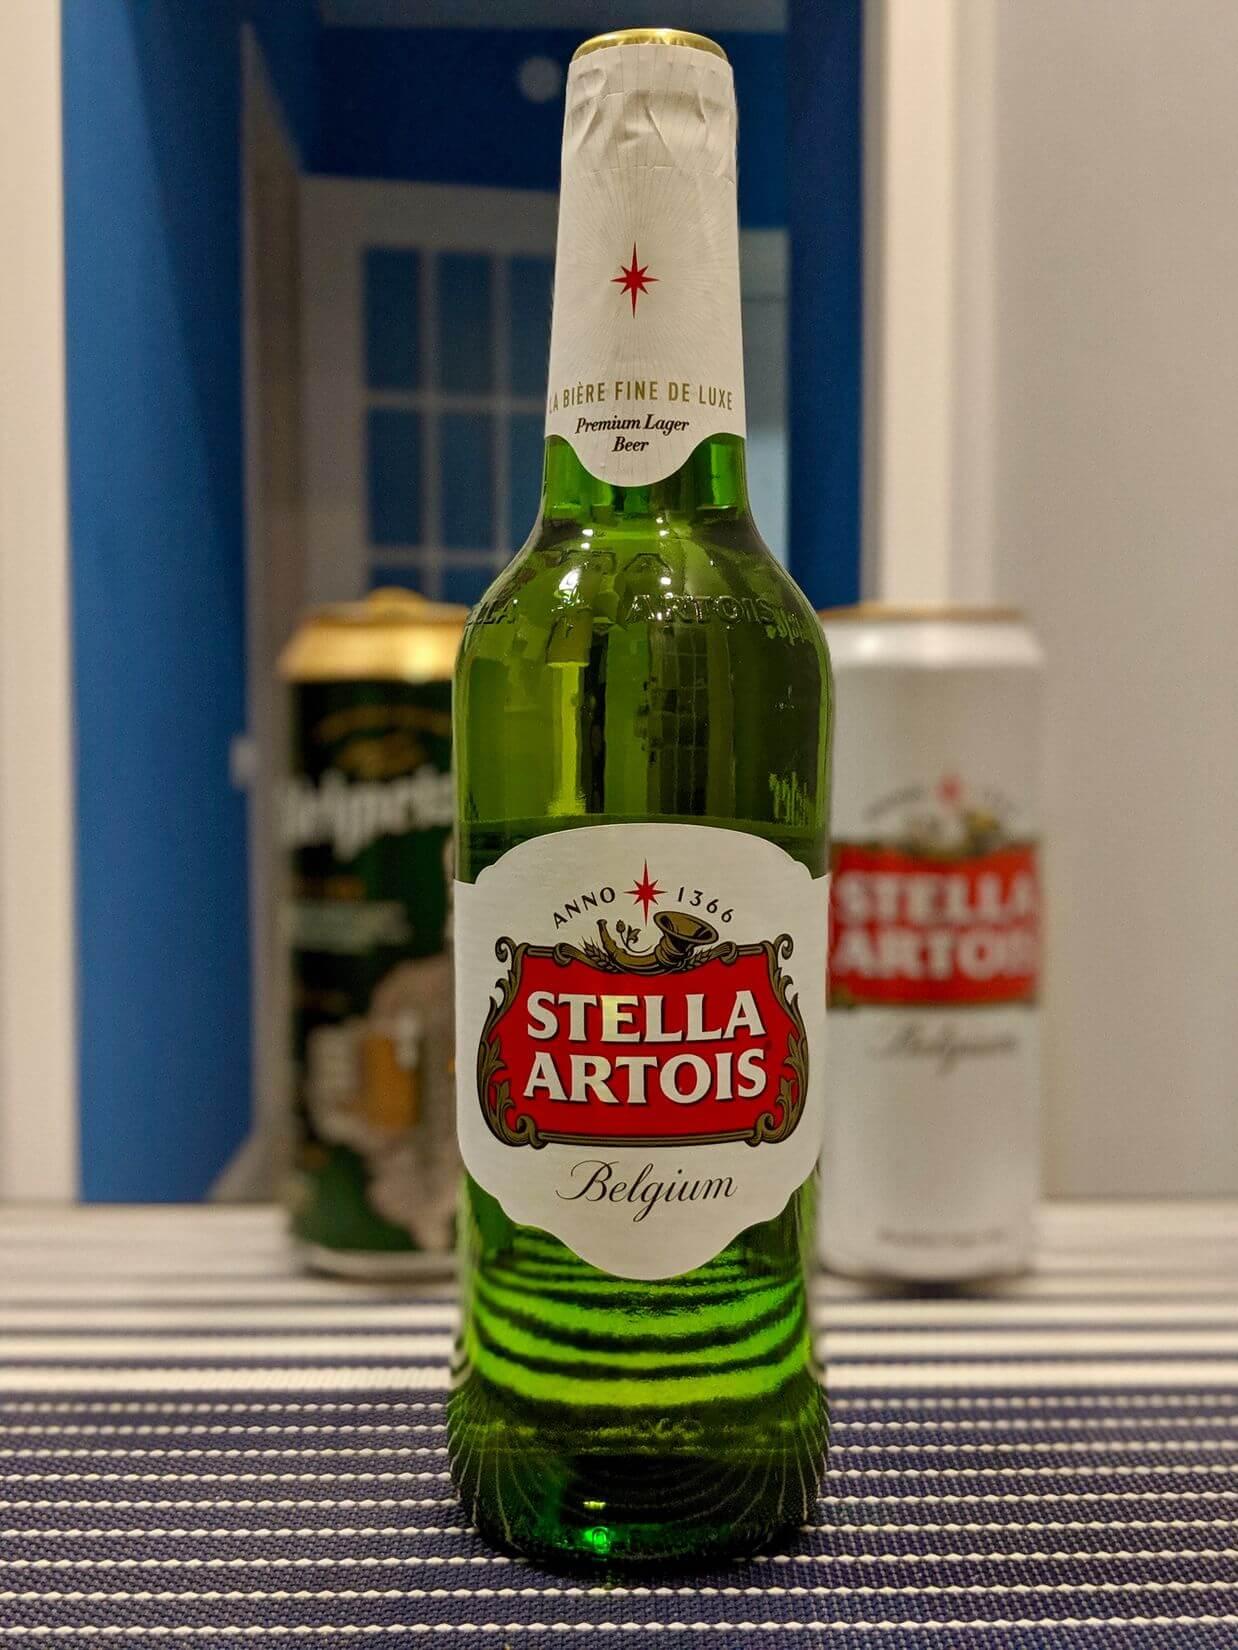 Пиво стелла артуа и его основные характеристики + видео | наливали